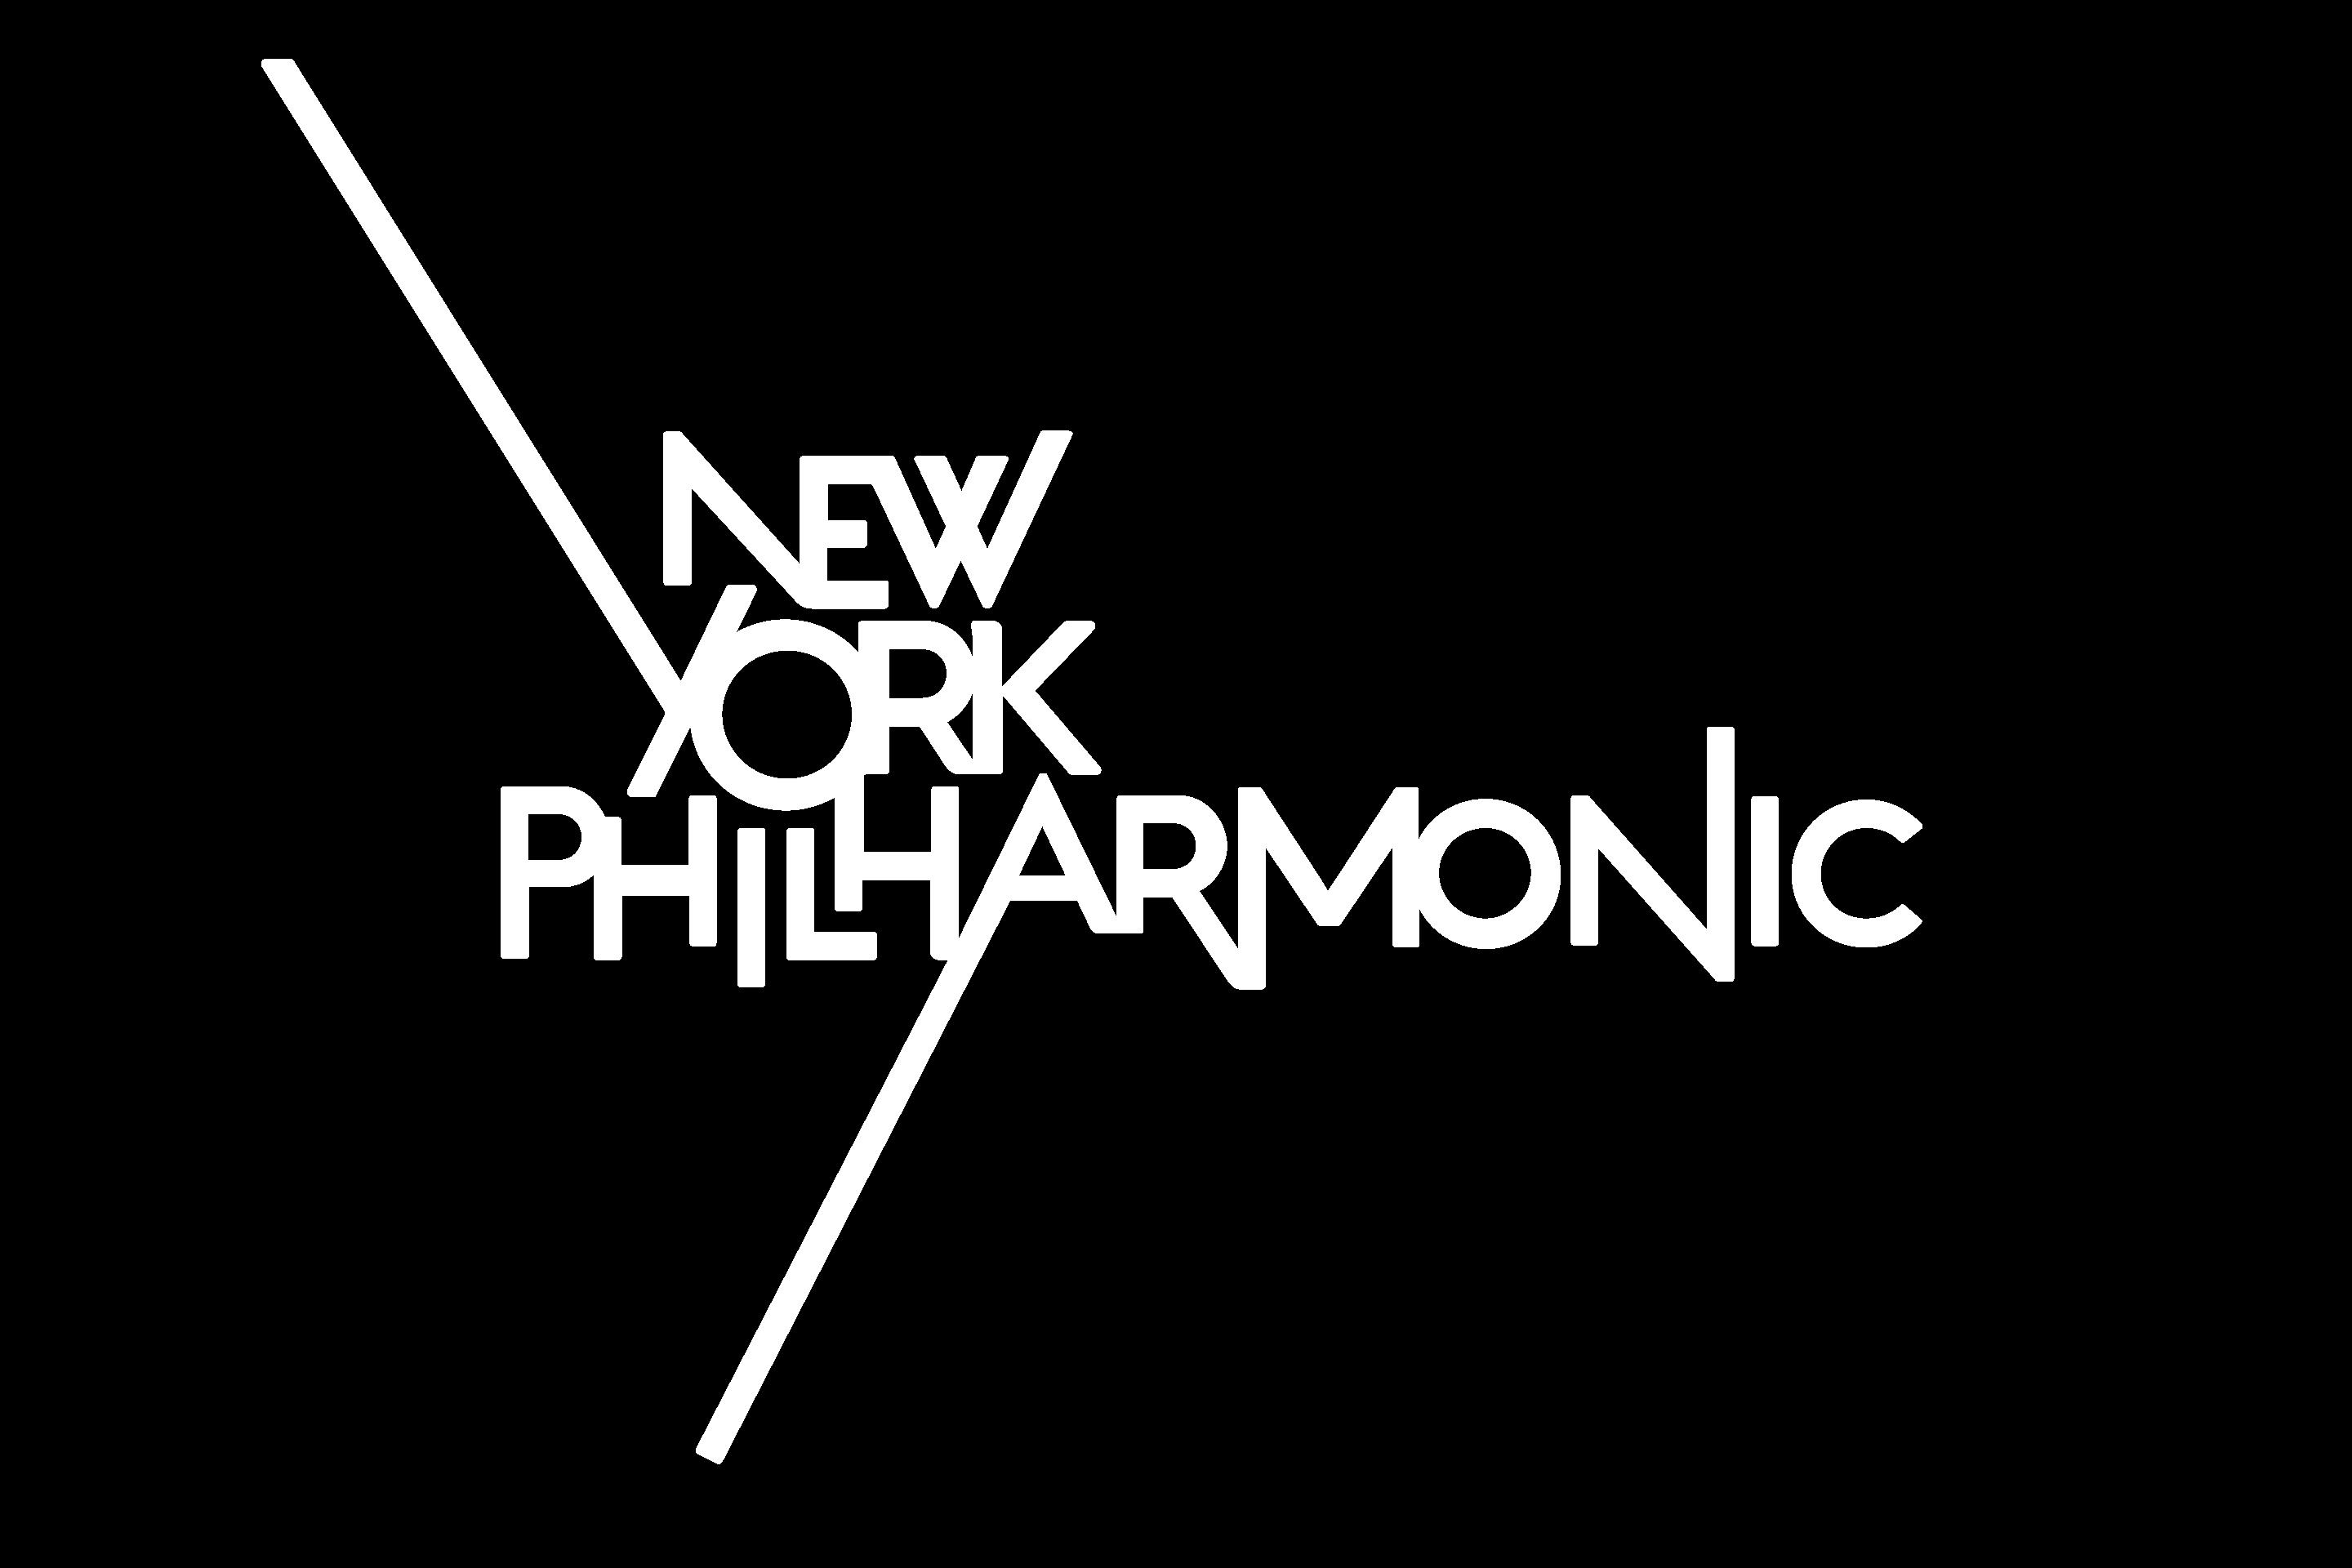 New York Philharmonic